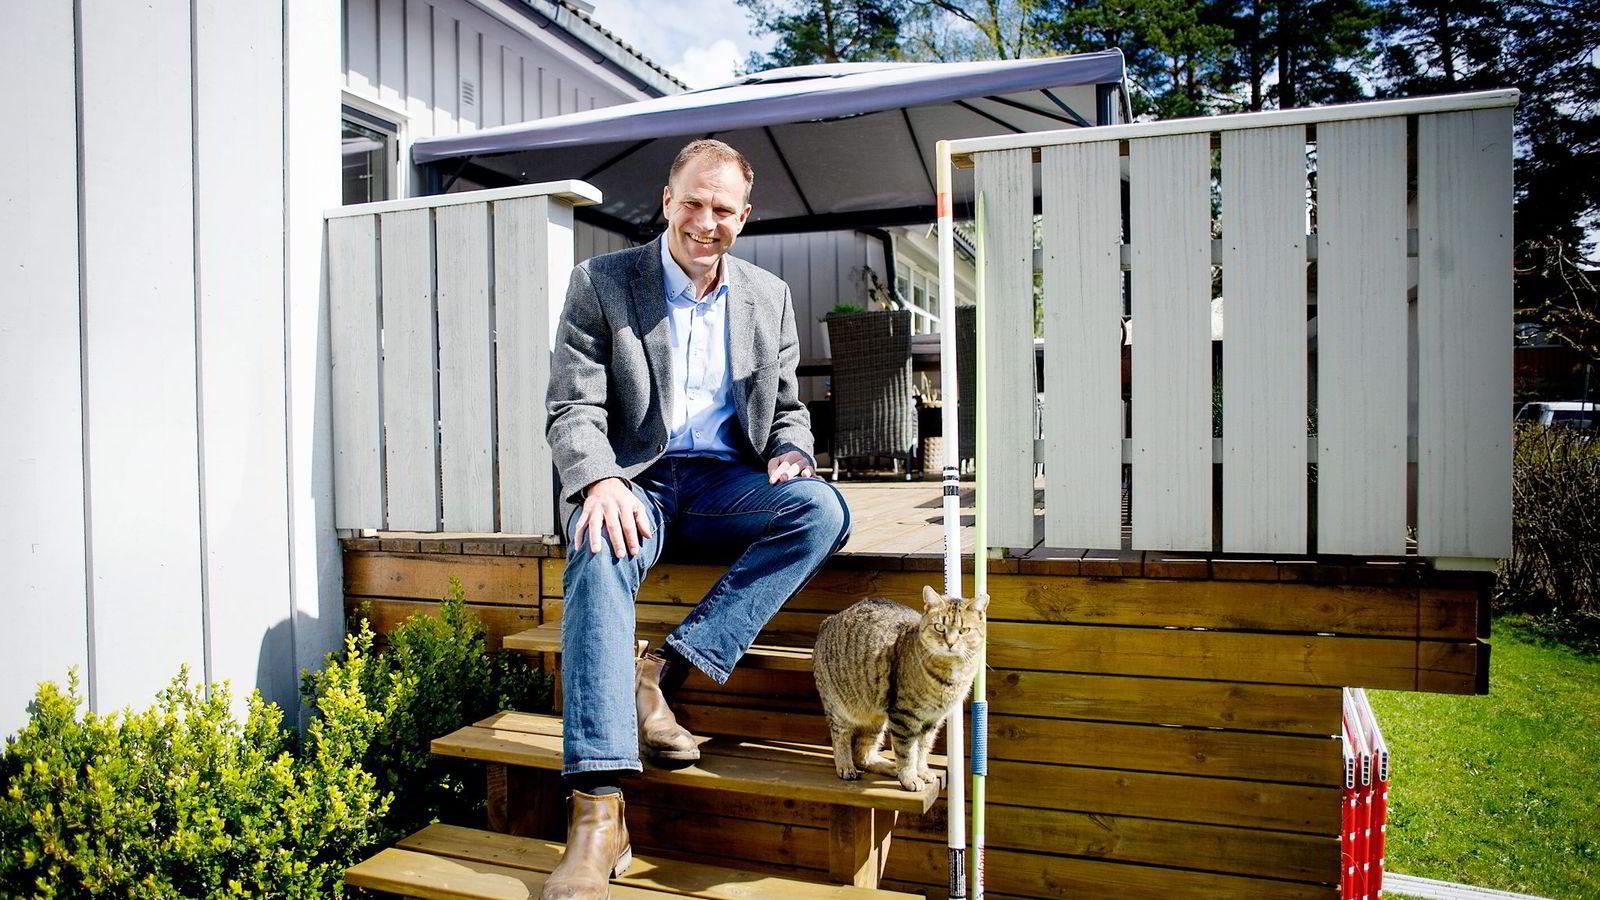 Vegard Andre Rooth på Nordstrand i Oslo har byttet bank fra DNB til Danske Bank, og ble lokket med lavere rente. Bankene er blitt flinkere til å prise kundenes utlån ulikt.